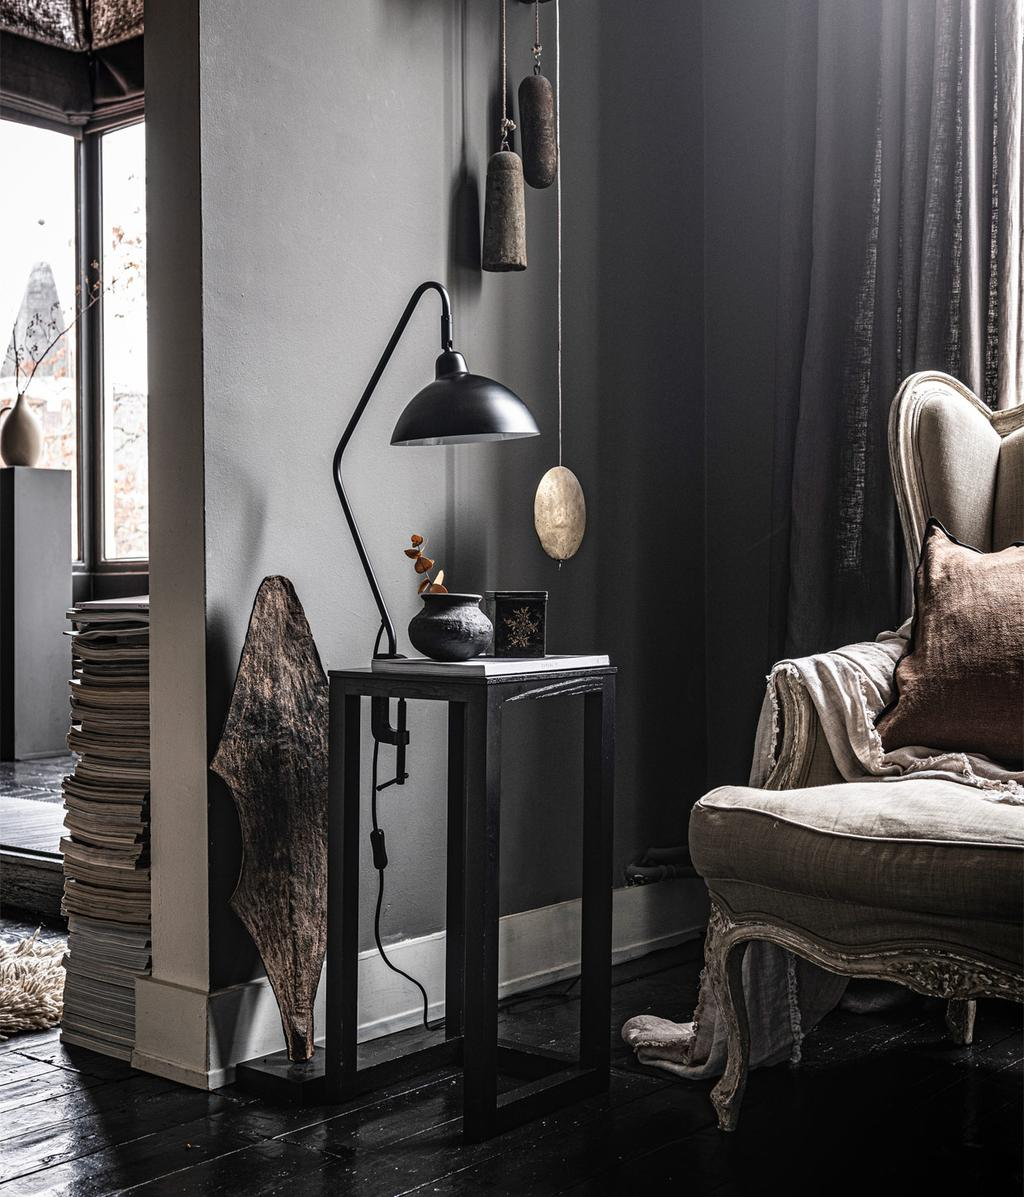 woonkamer | Light & Living lampen  | vtwonen 01-2021